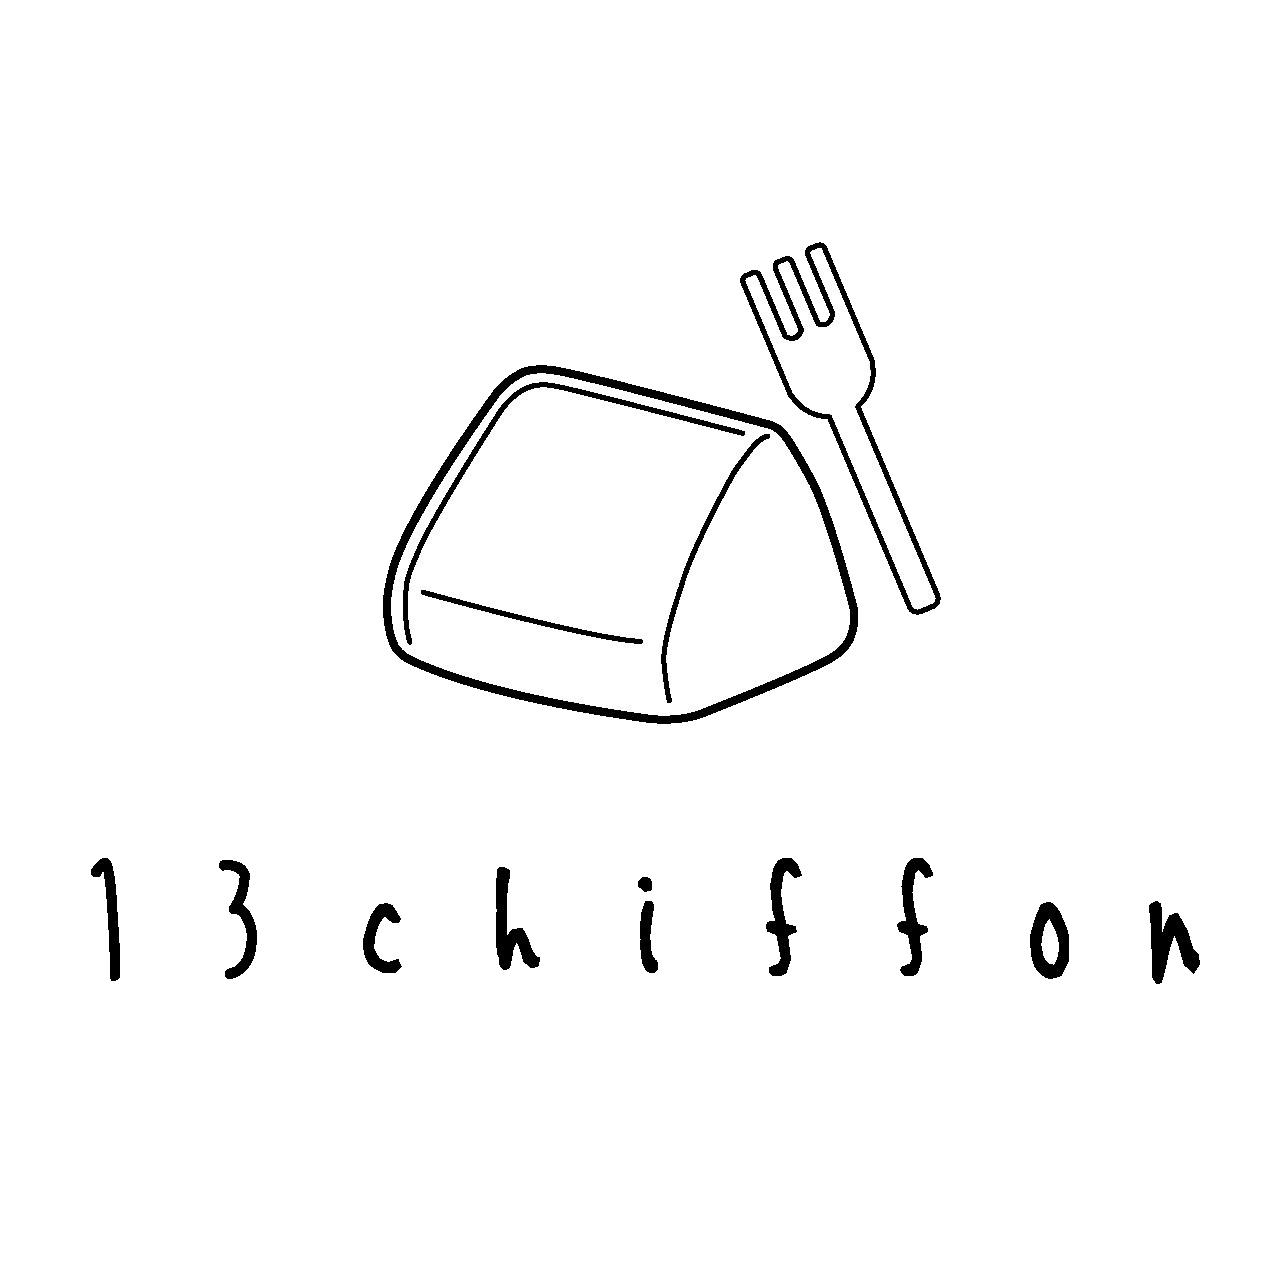 シフォンケーキ 13chiffon